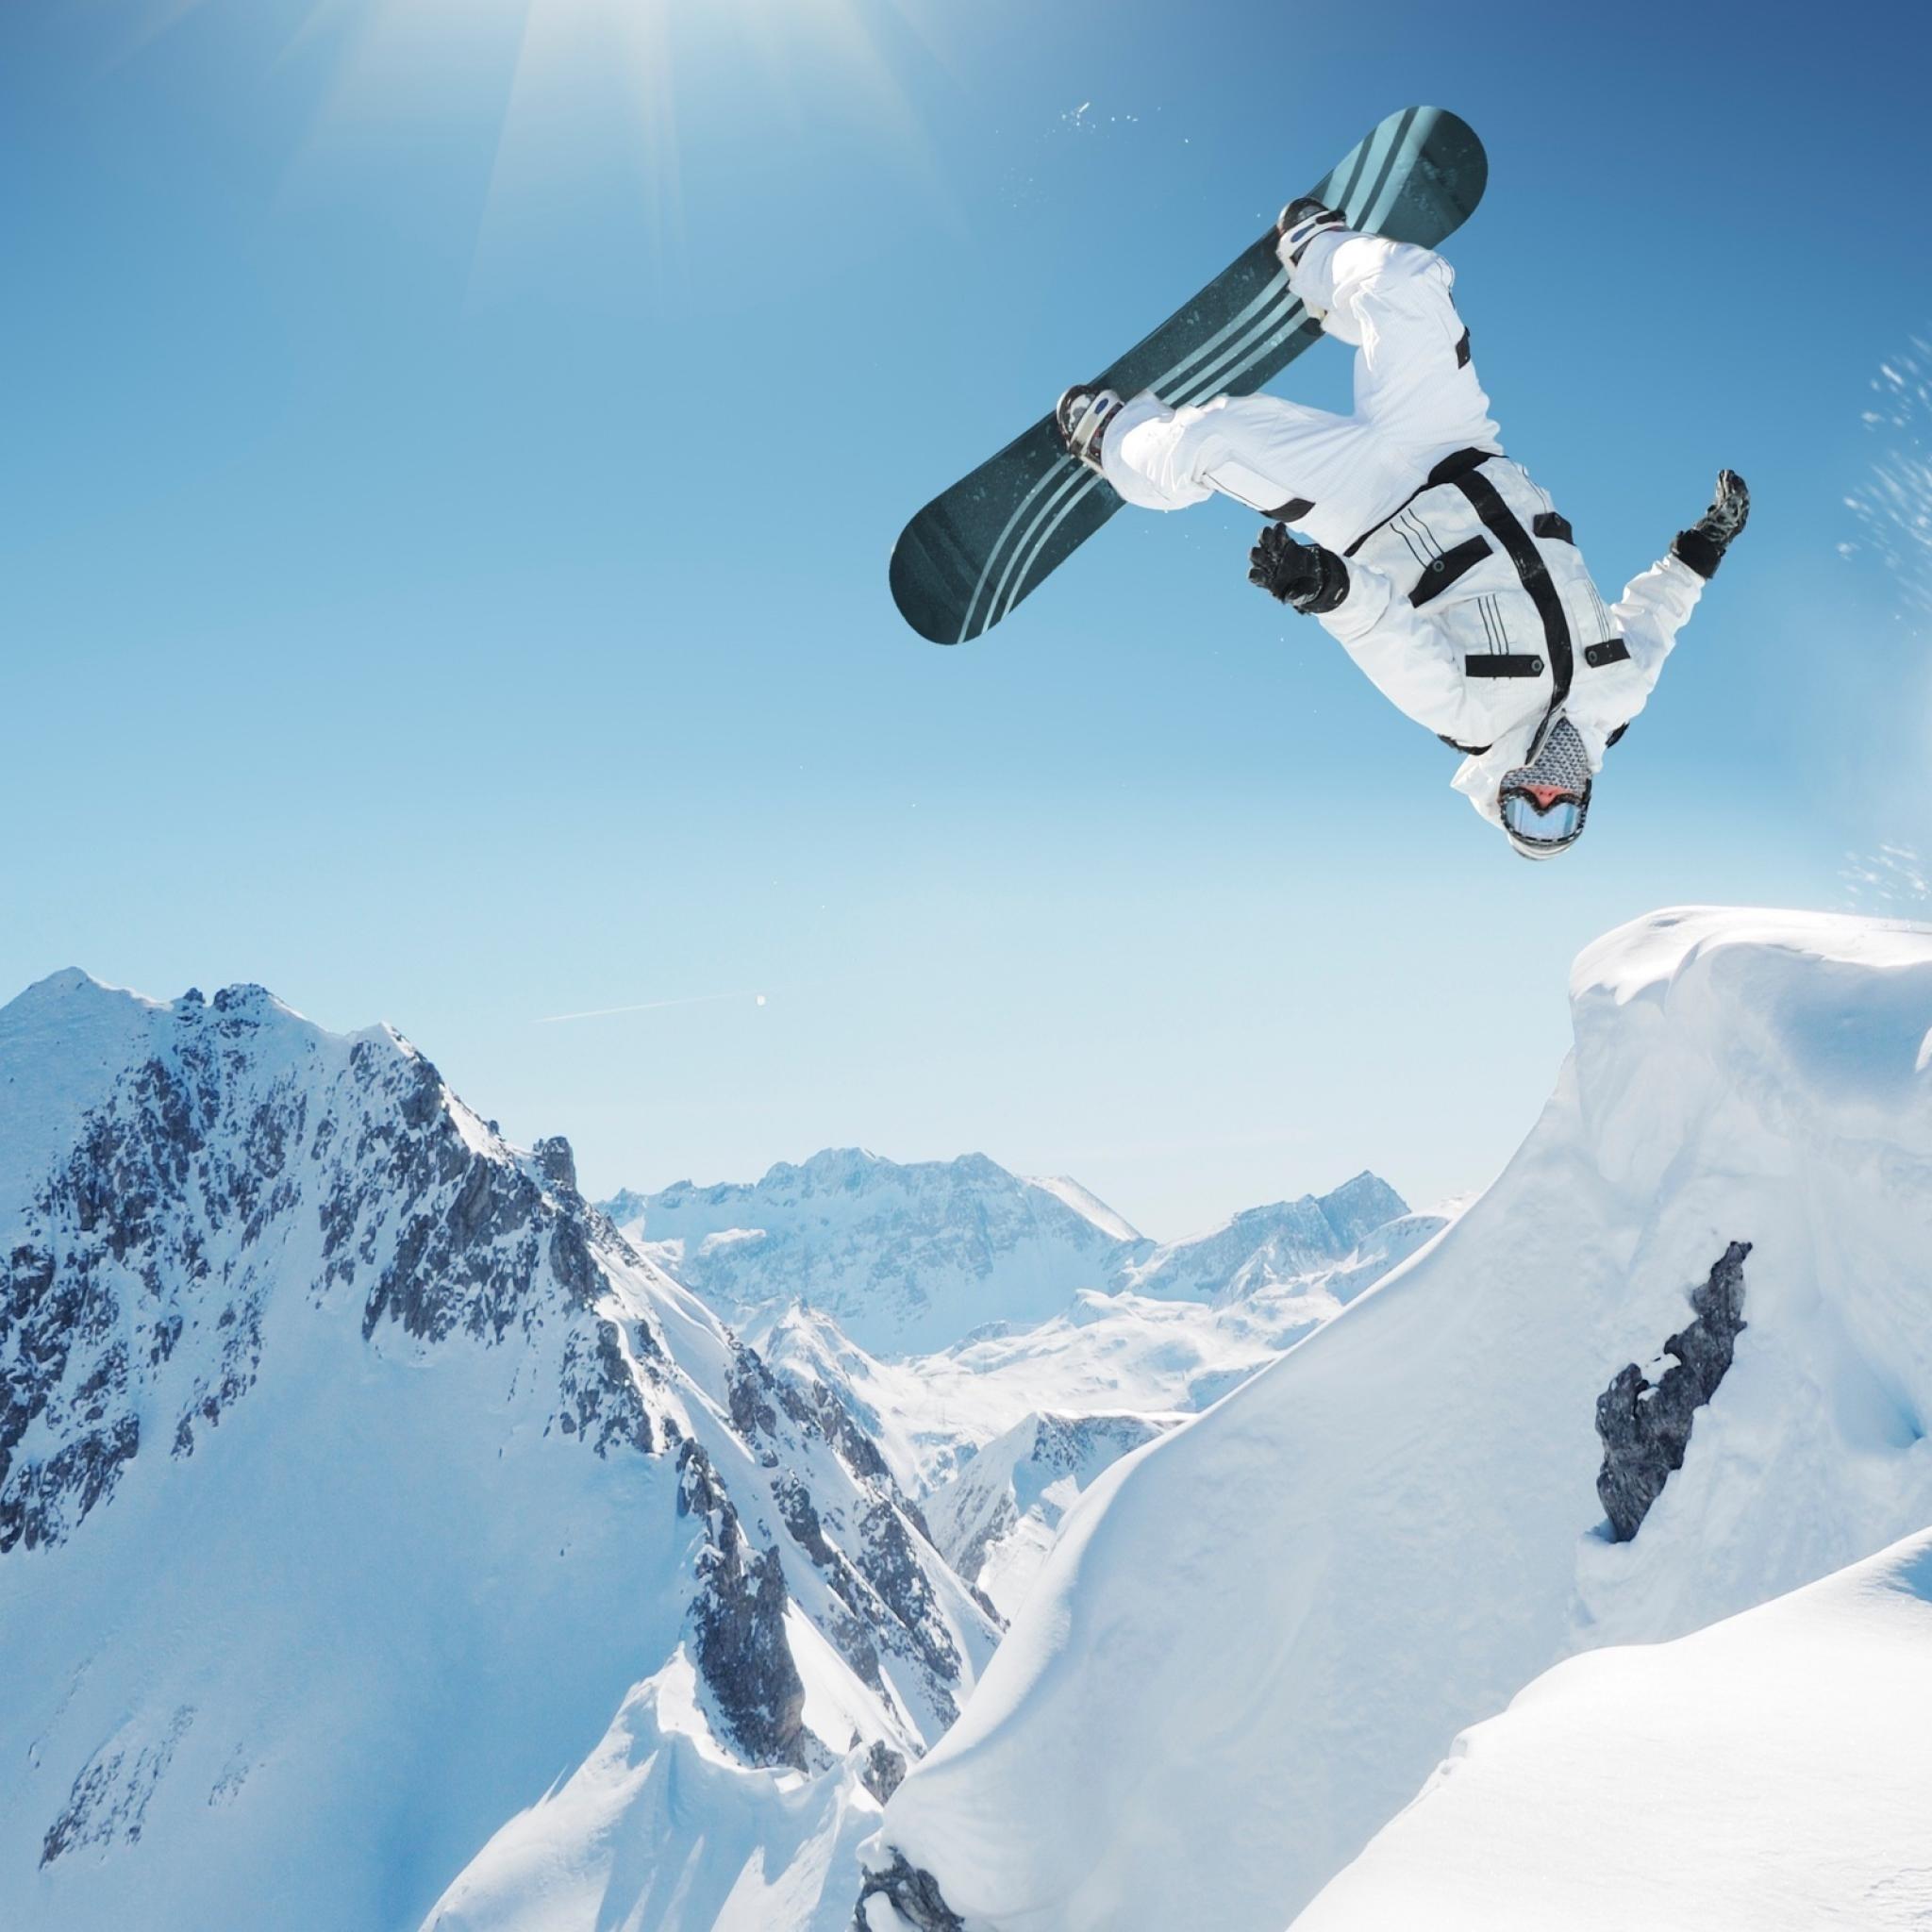 Snowboarding iPad Wallpaper HD #iPad #wallpaper